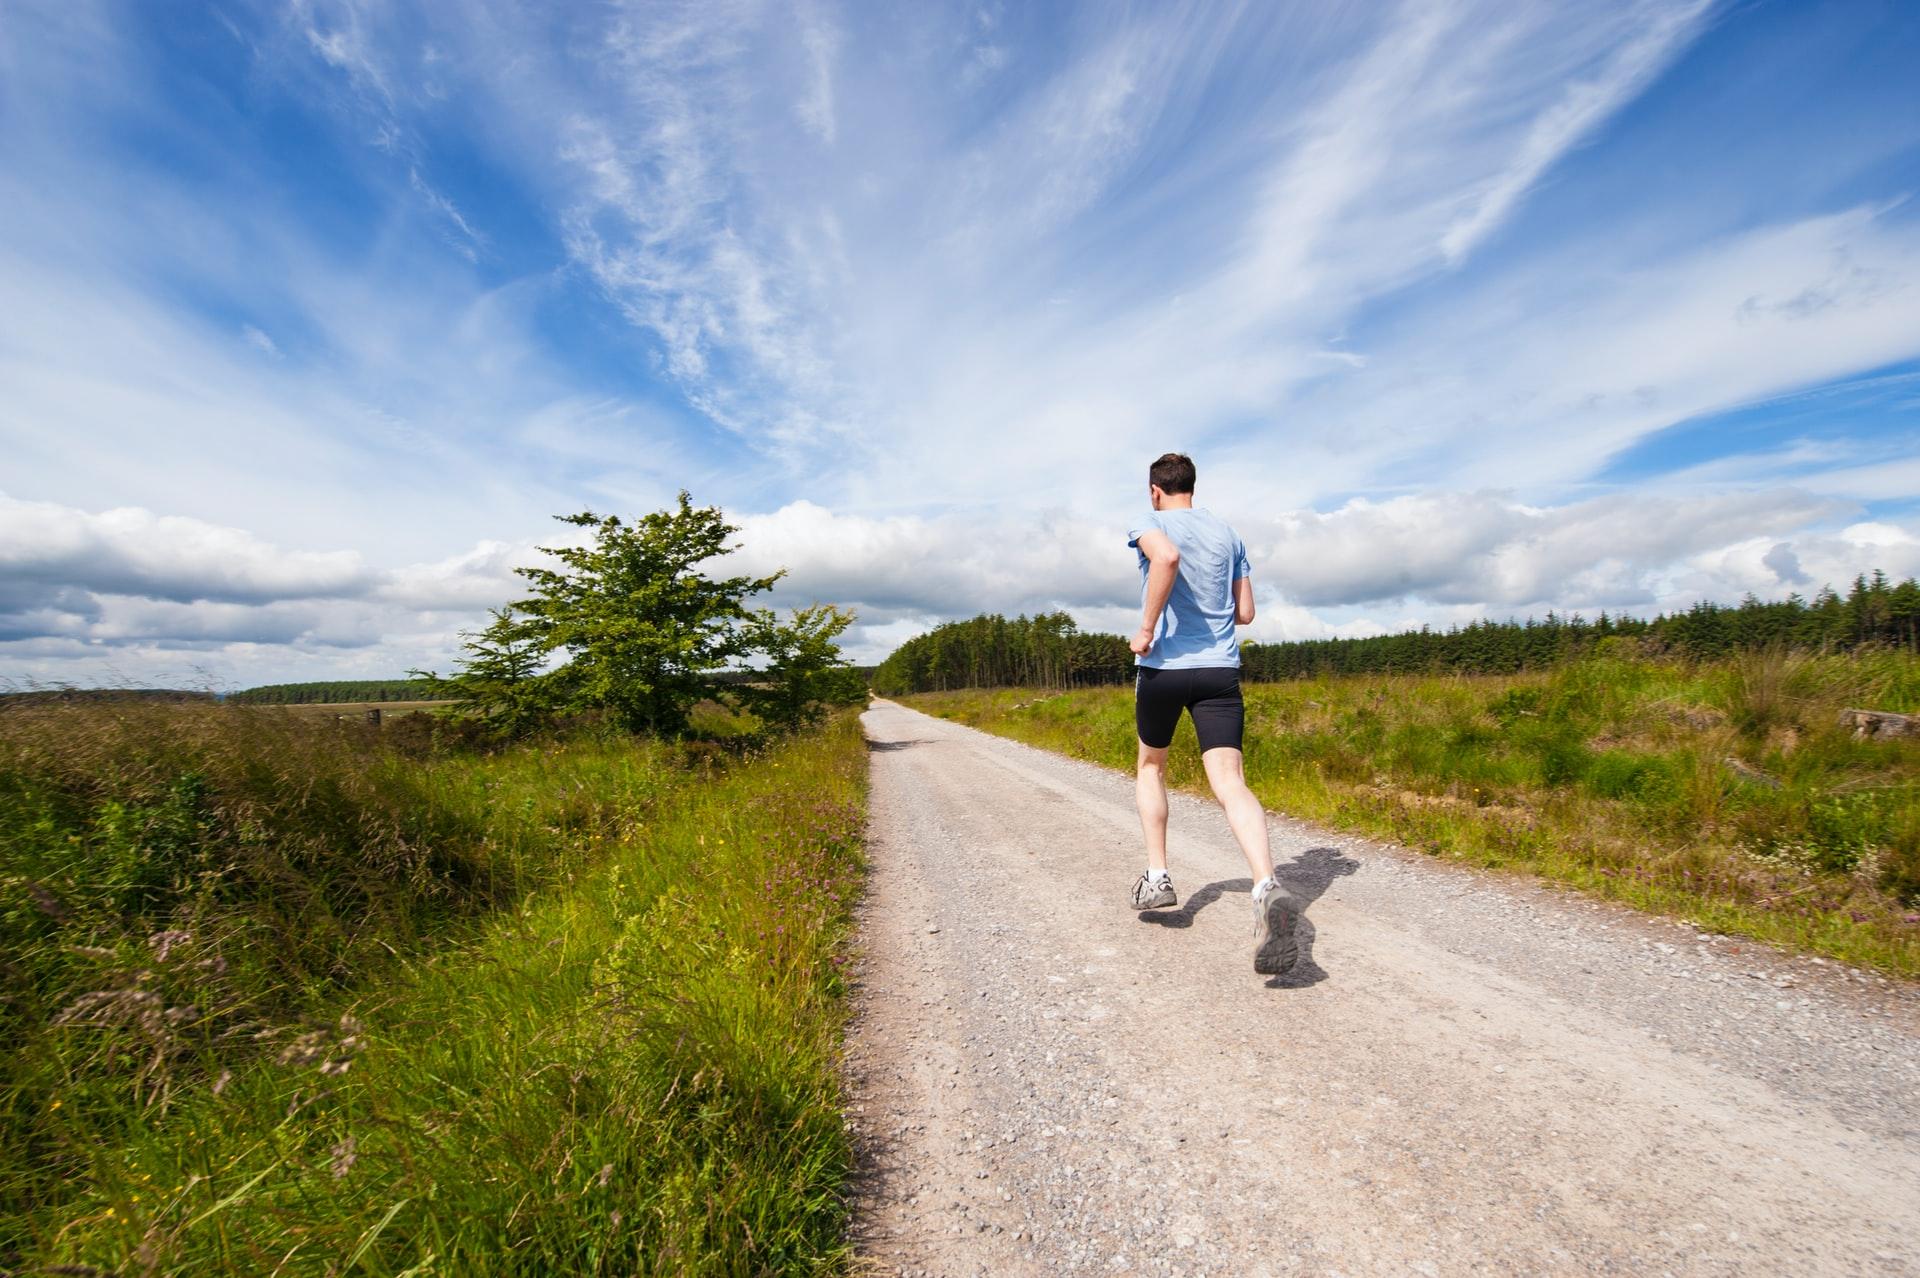 afstand meten hardlopen door een man op een onverharde weg